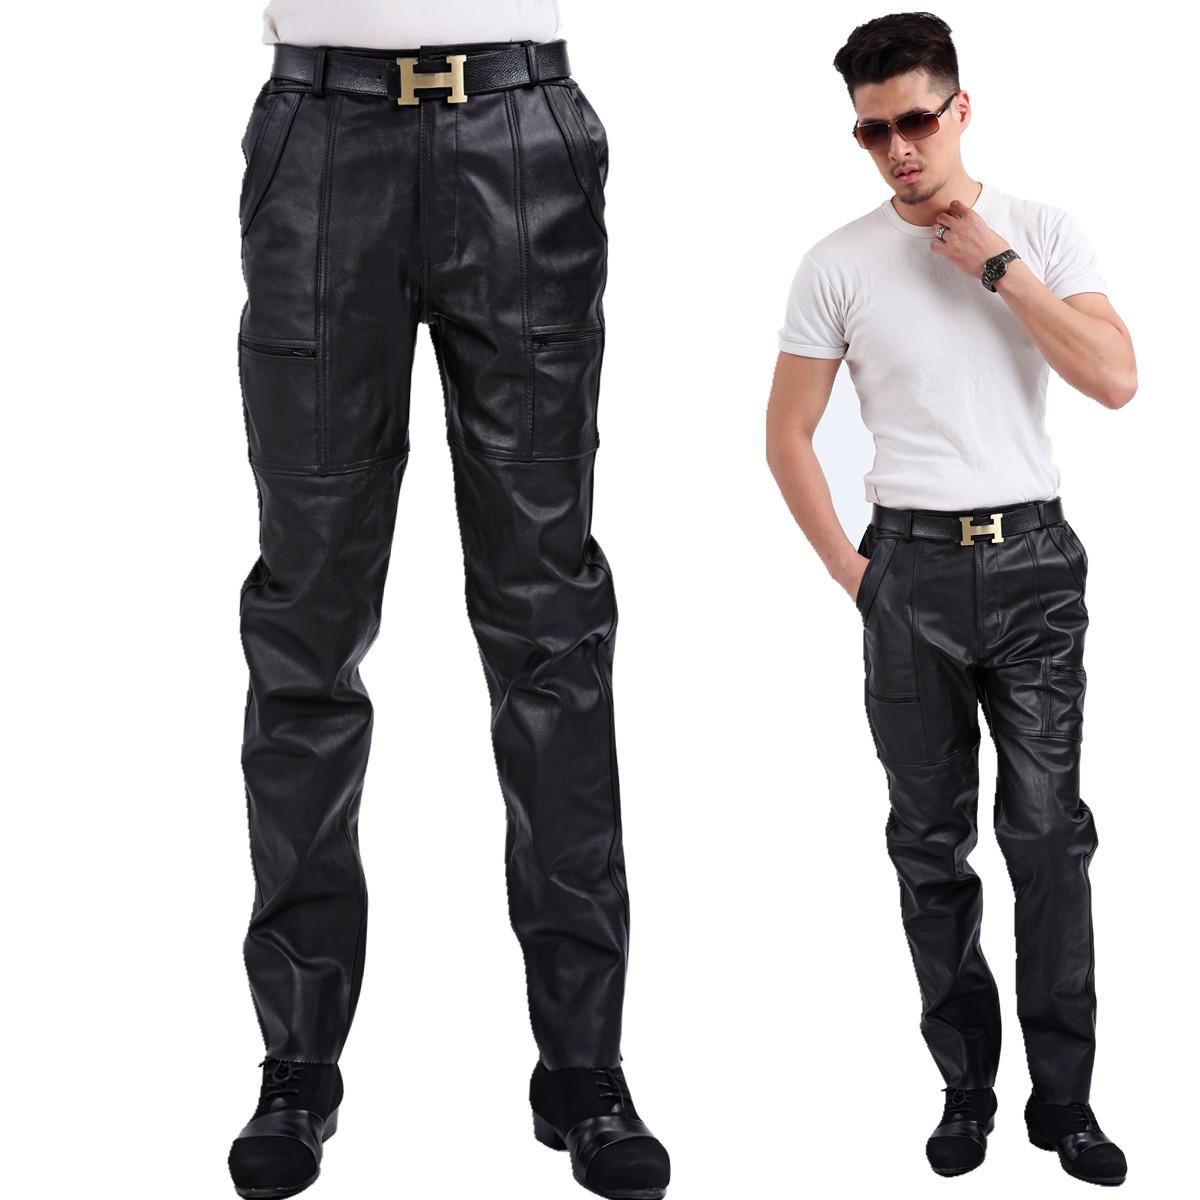 2018 Haining мужской стиль из натуральной кожи Горные брюки овчина Борьба за кожей для отдыха мужской брюки мужской кожа длина брюк брюки приталенный мужской брюки